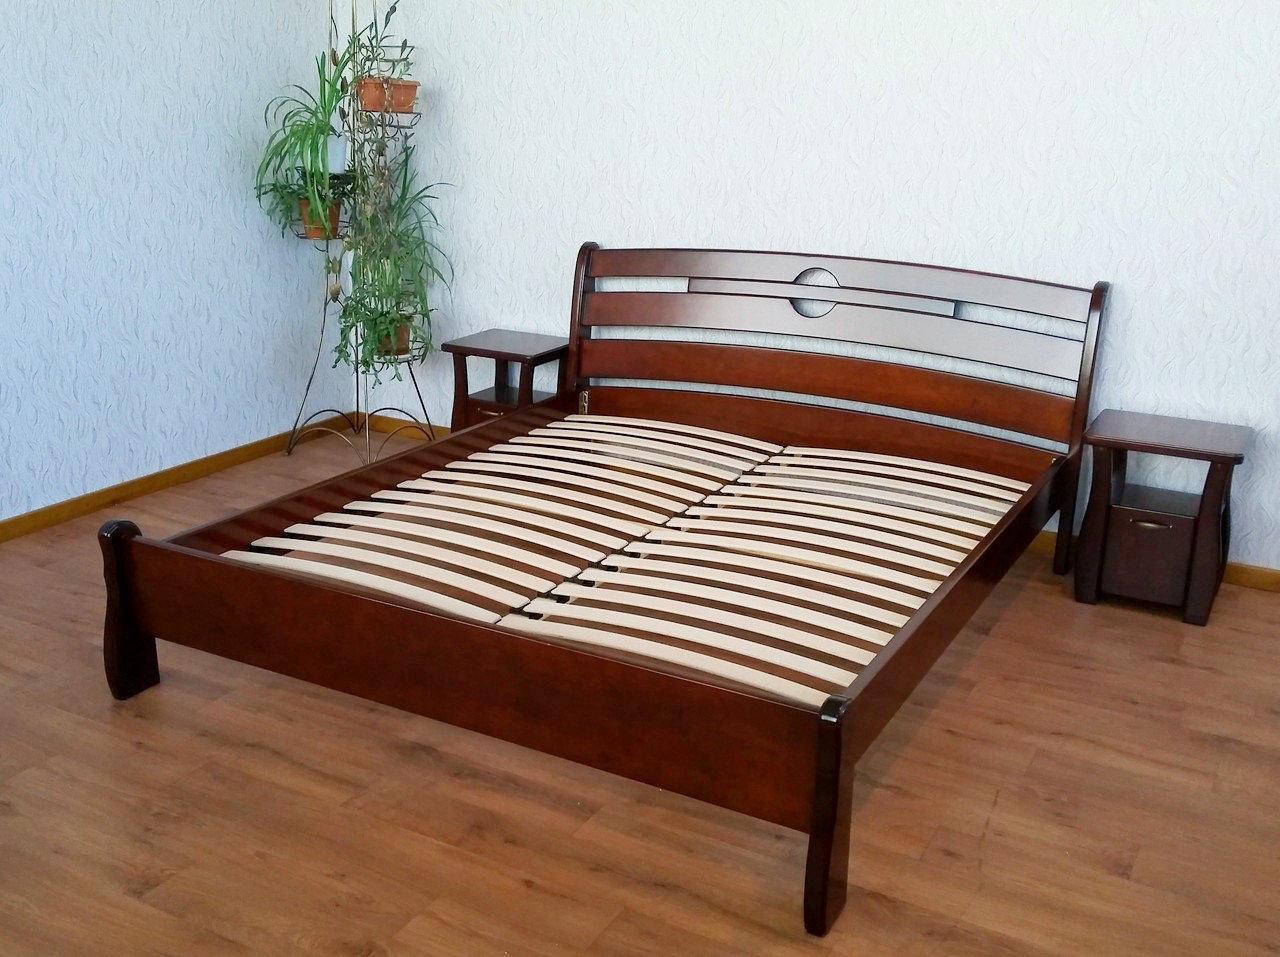 Кровать деревянная КРОВАТЬ Центр Каприз сосна, ольха